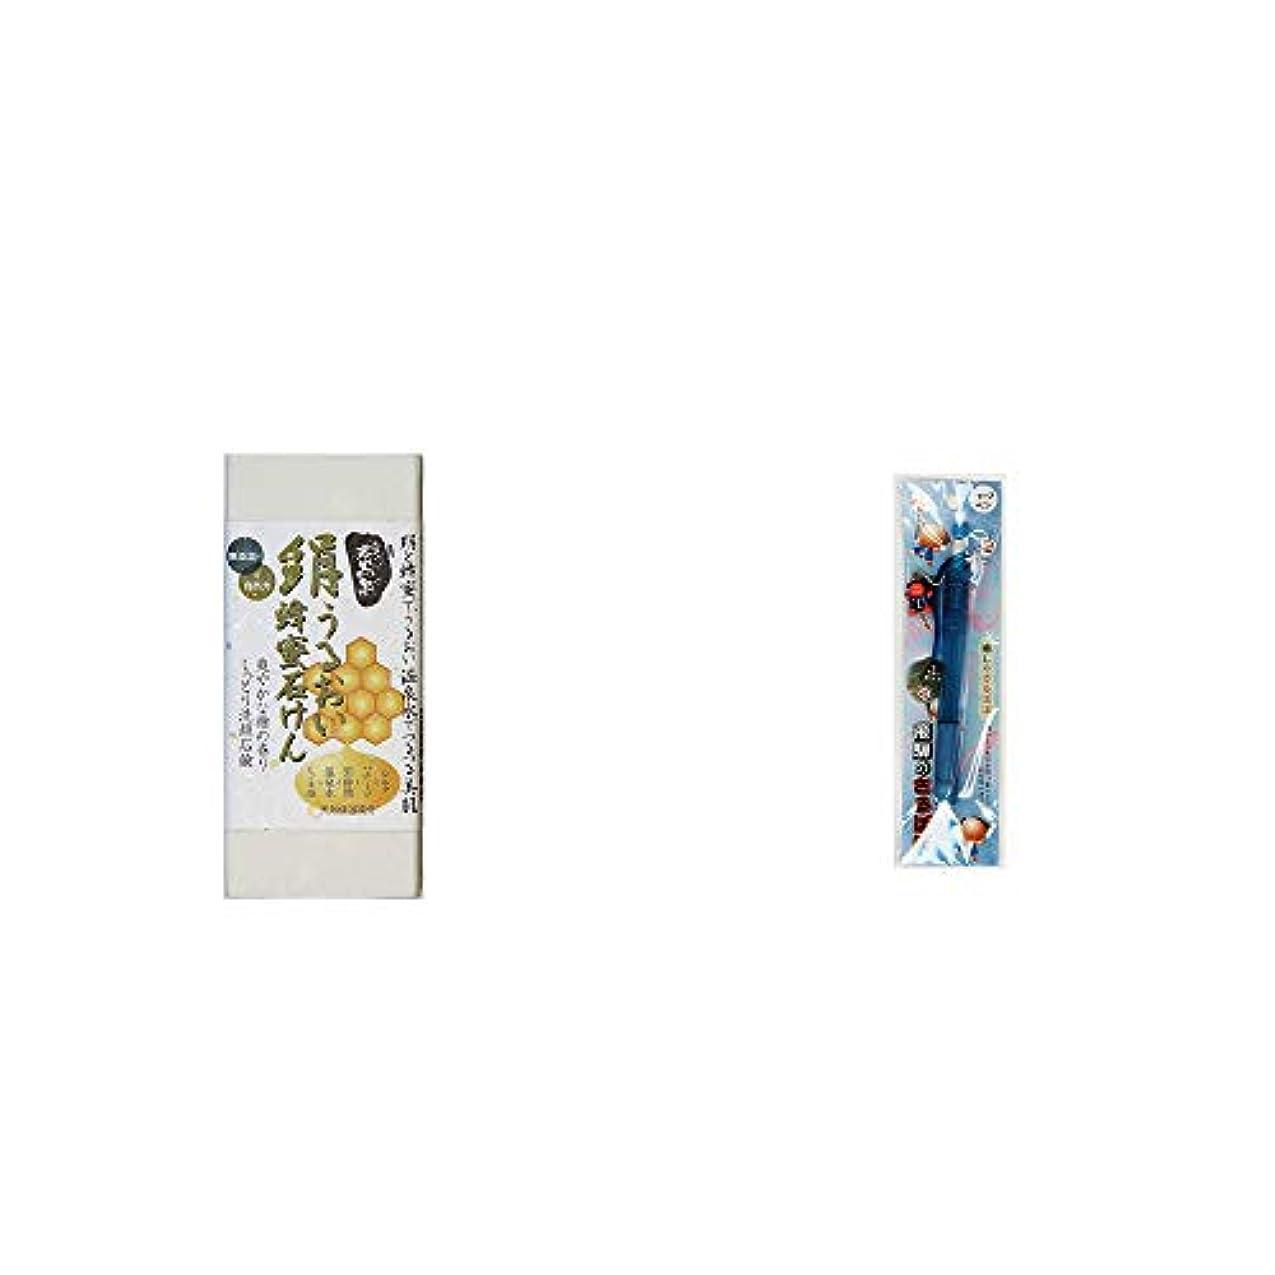 可動レキシコン治世[2点セット] ひのき炭黒泉 絹うるおい蜂蜜石けん(75g×2)?さるぼぼ 癒しシャープペン 【ブルー】